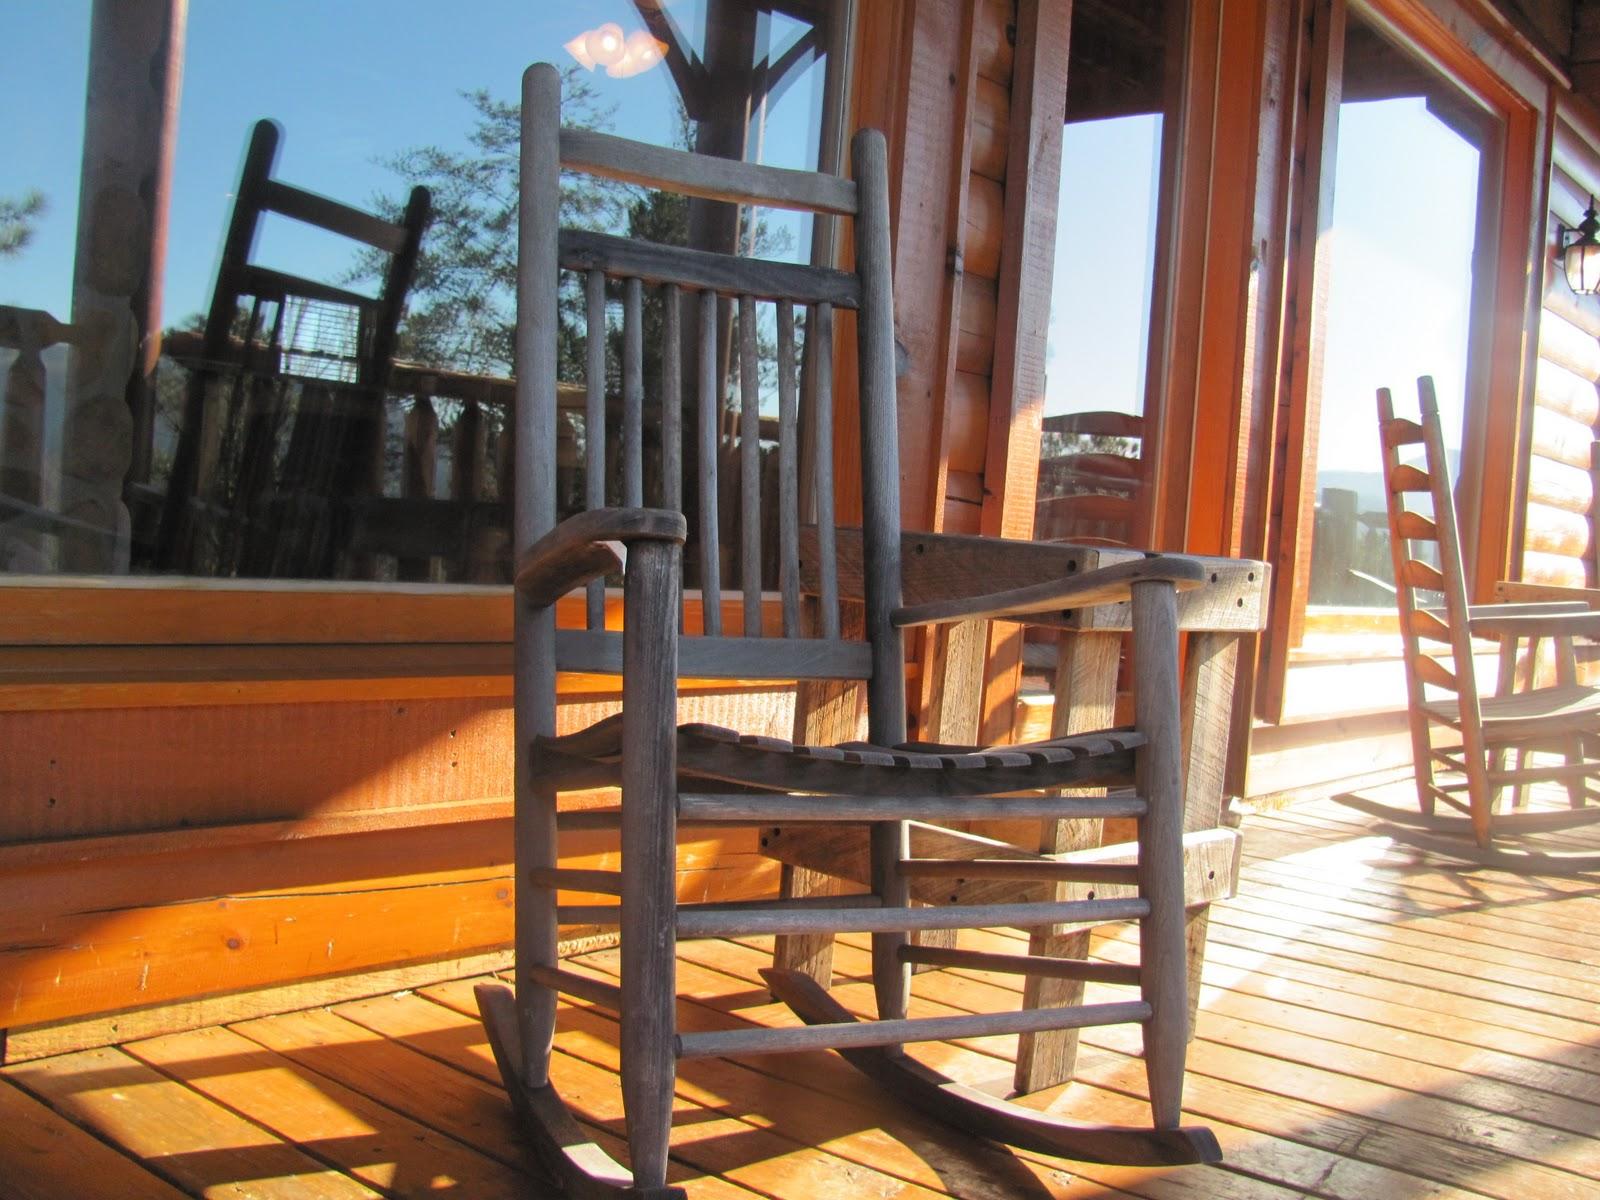 #AE651D para mostrar que deliciaaaa essa casa!!! A varanda com cadeiras de  1600x1200 px cadeira de balanço para varanda @ bernauer.info Móveis Antigos Novos E Usados Online